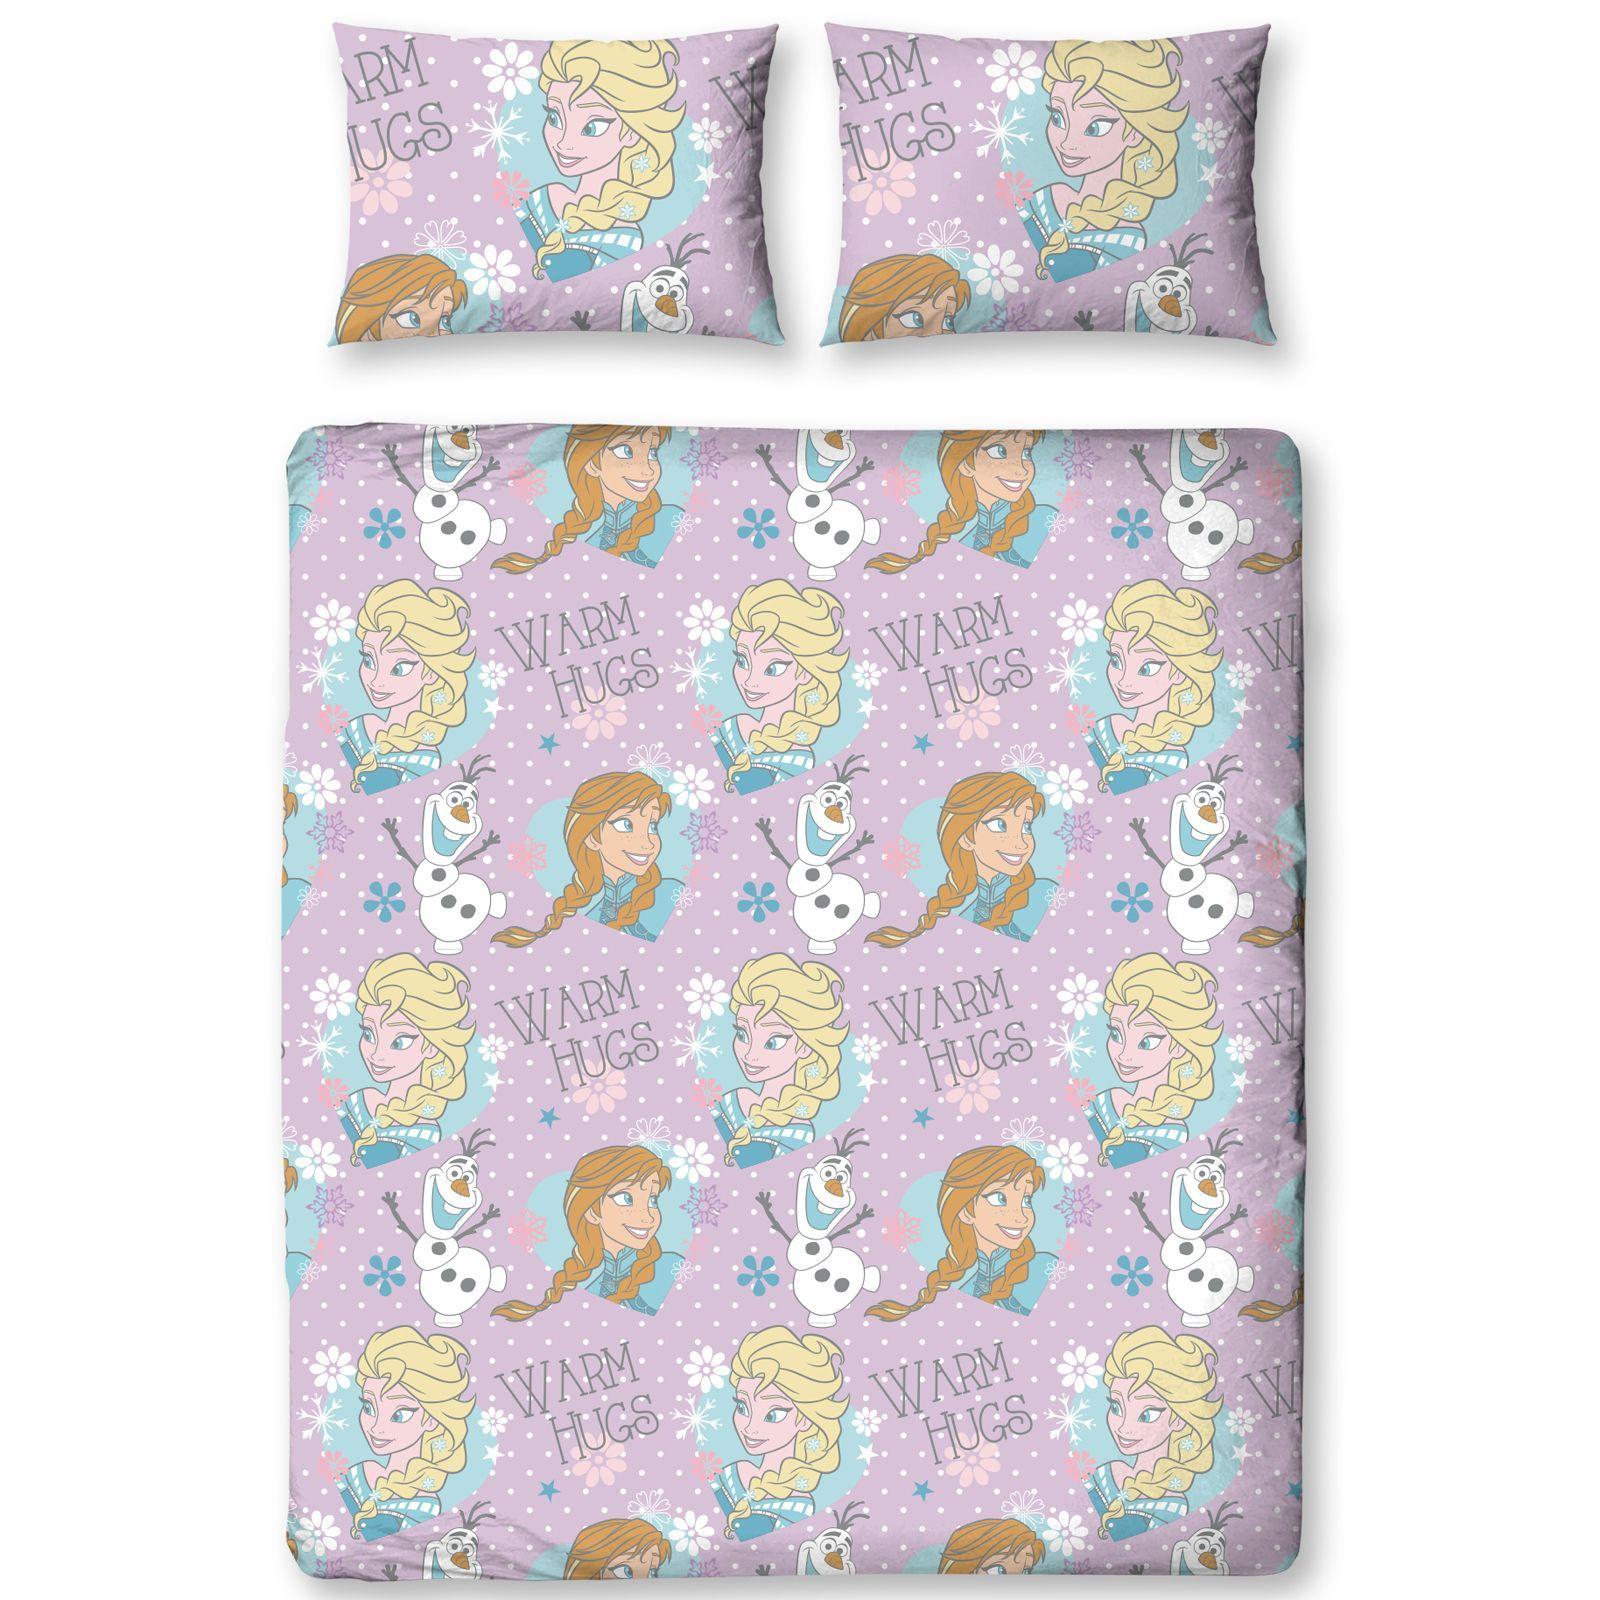 Bettwäsche Anna Und Elsa Anna And Elsa Duvet Cover Two Pillowcases